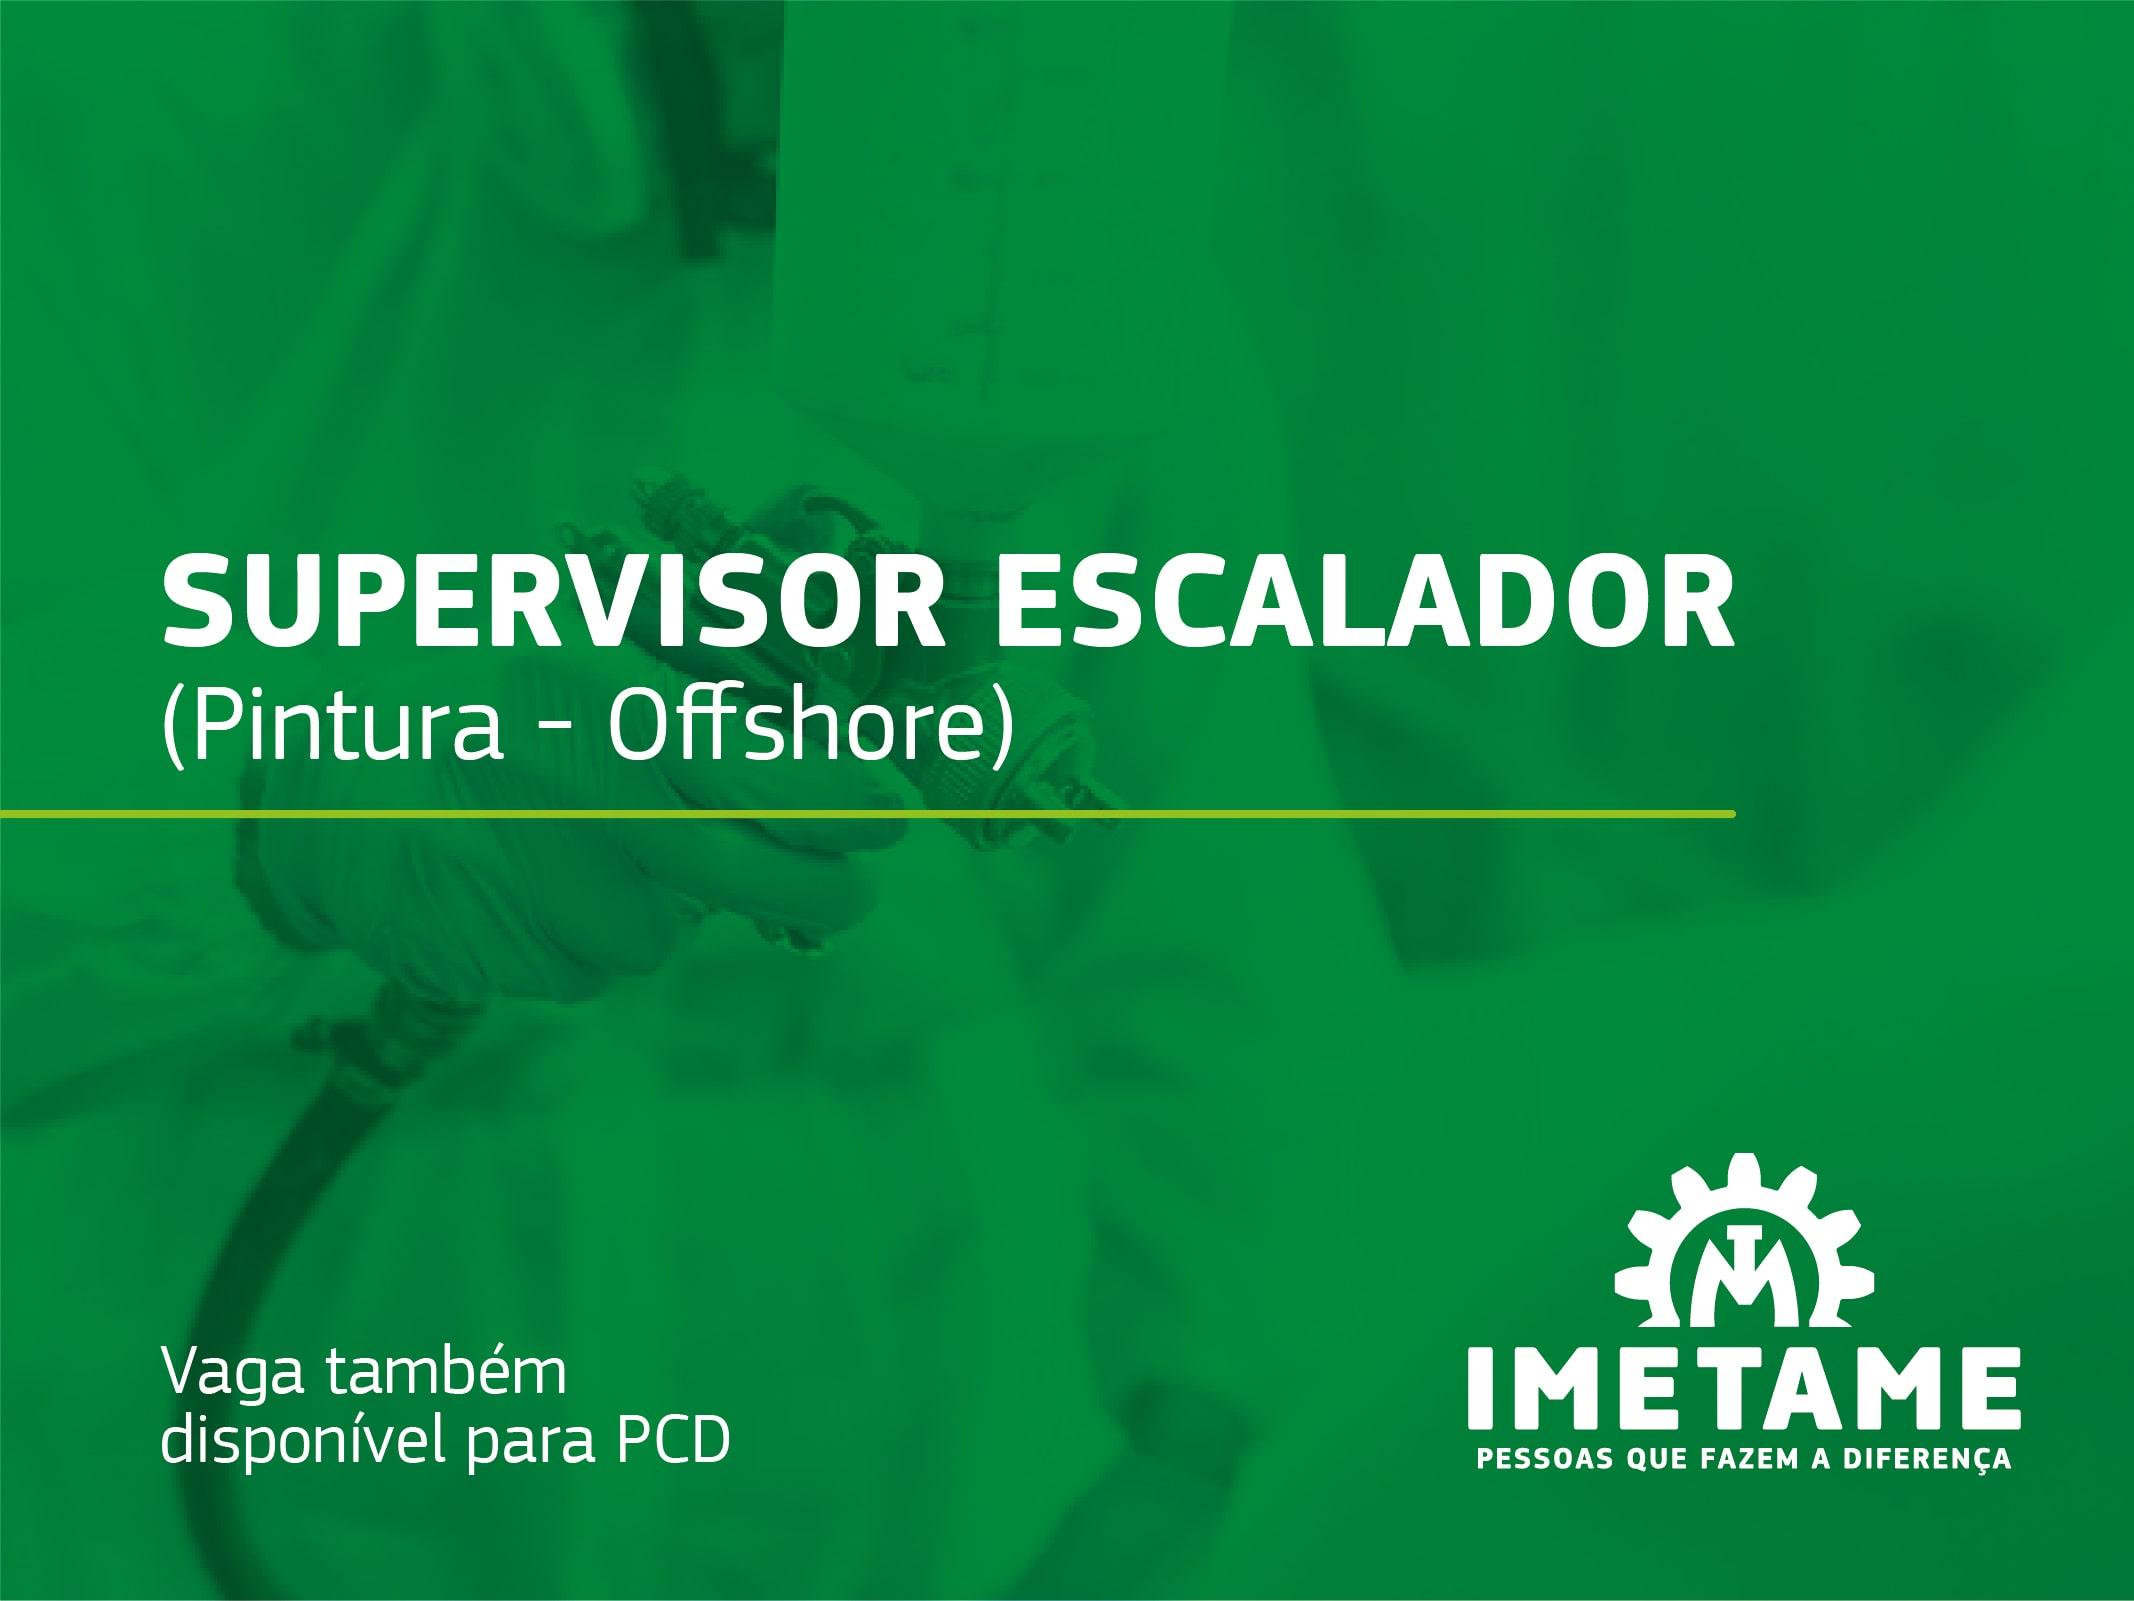 Supervisor Escalador (Pintura) – Offshore